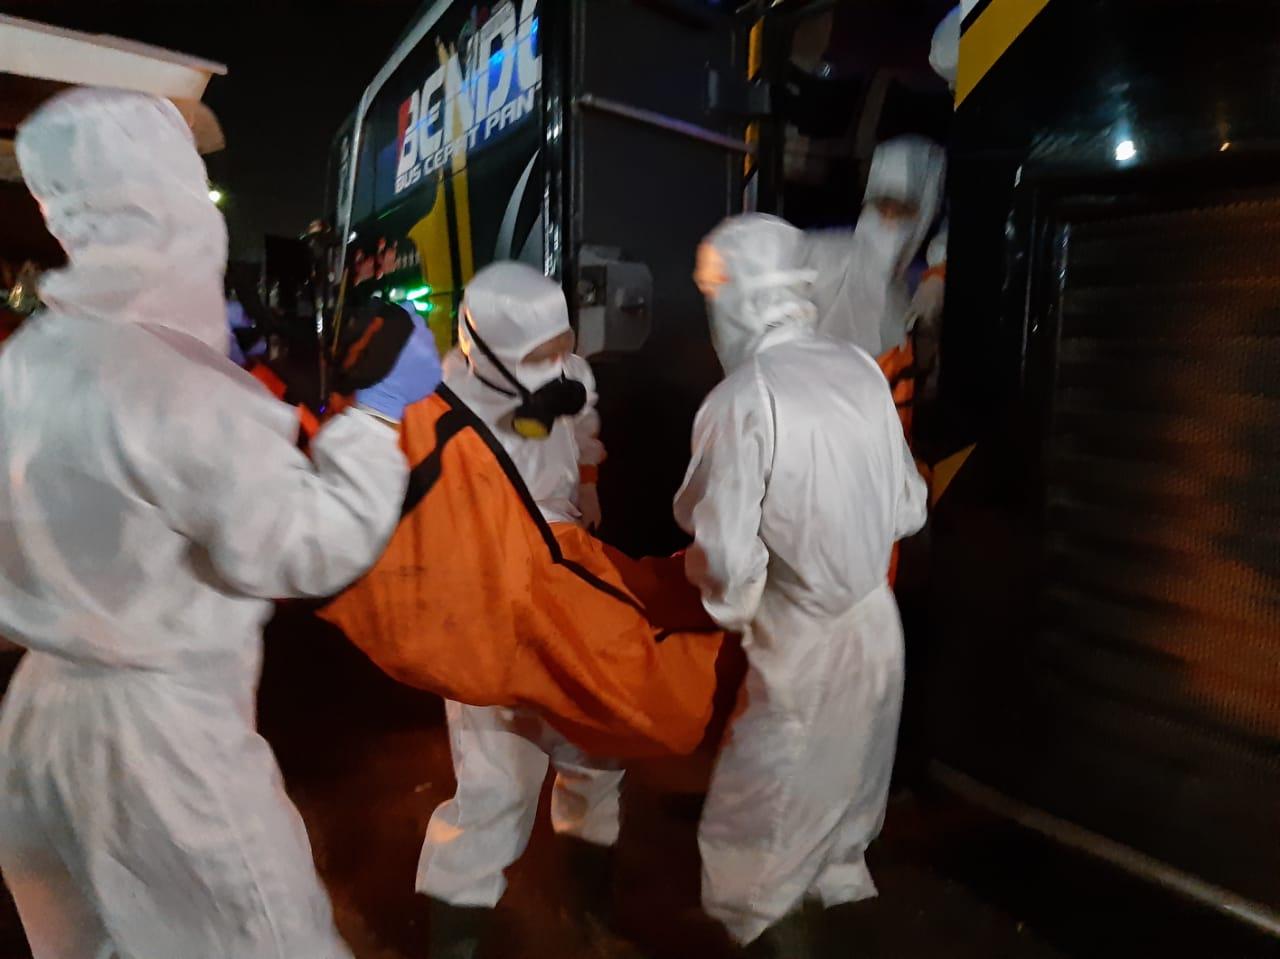 Mayat Dalam Bus Sinar Sari, Diduga Meninggal Karena Dakit Jantung